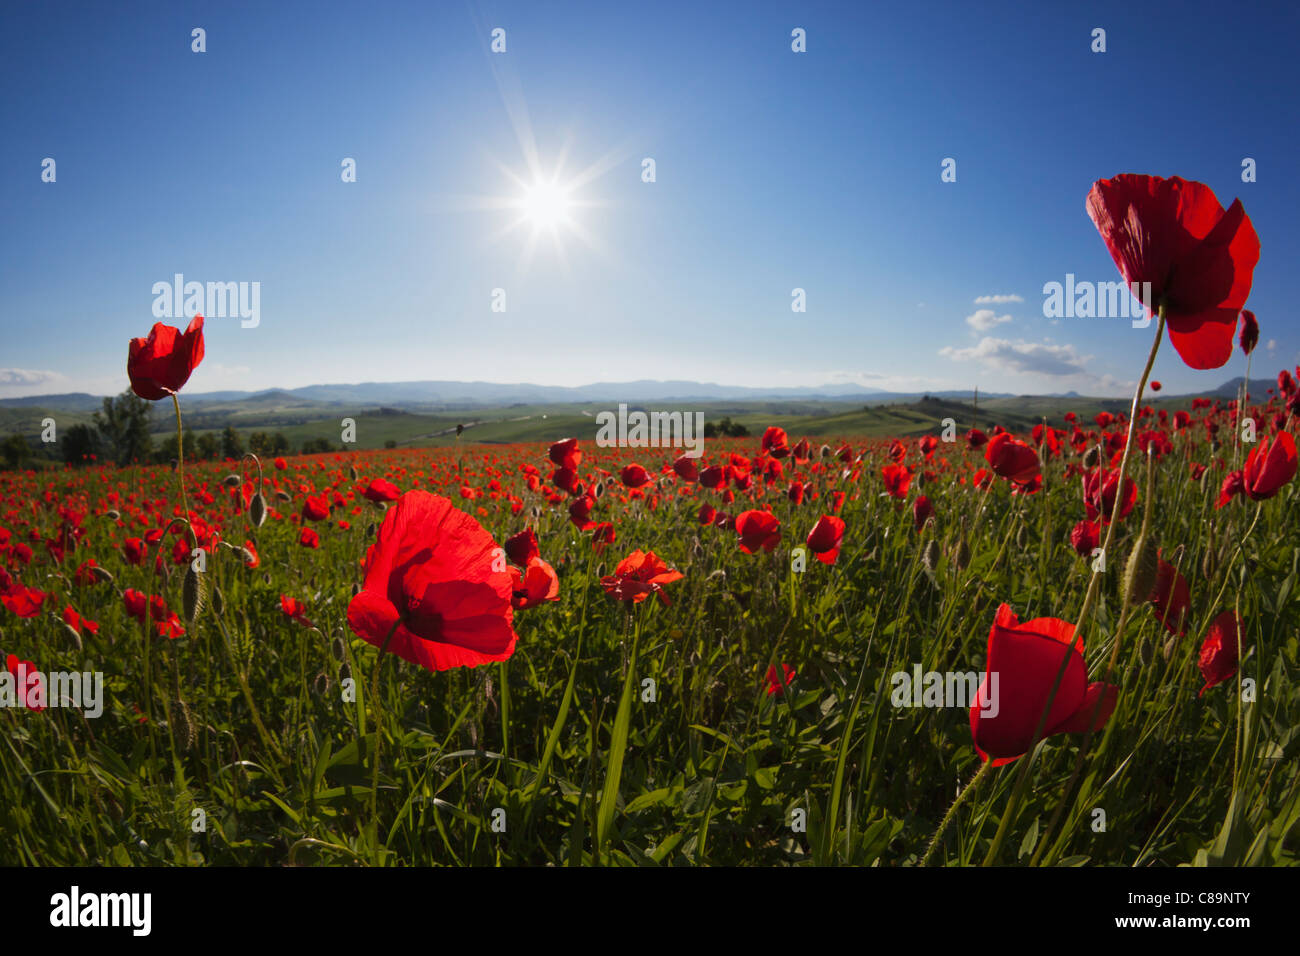 Italia, Toscana, Creta, Vista de campo de amapolas rojas al amanecer. Imagen De Stock